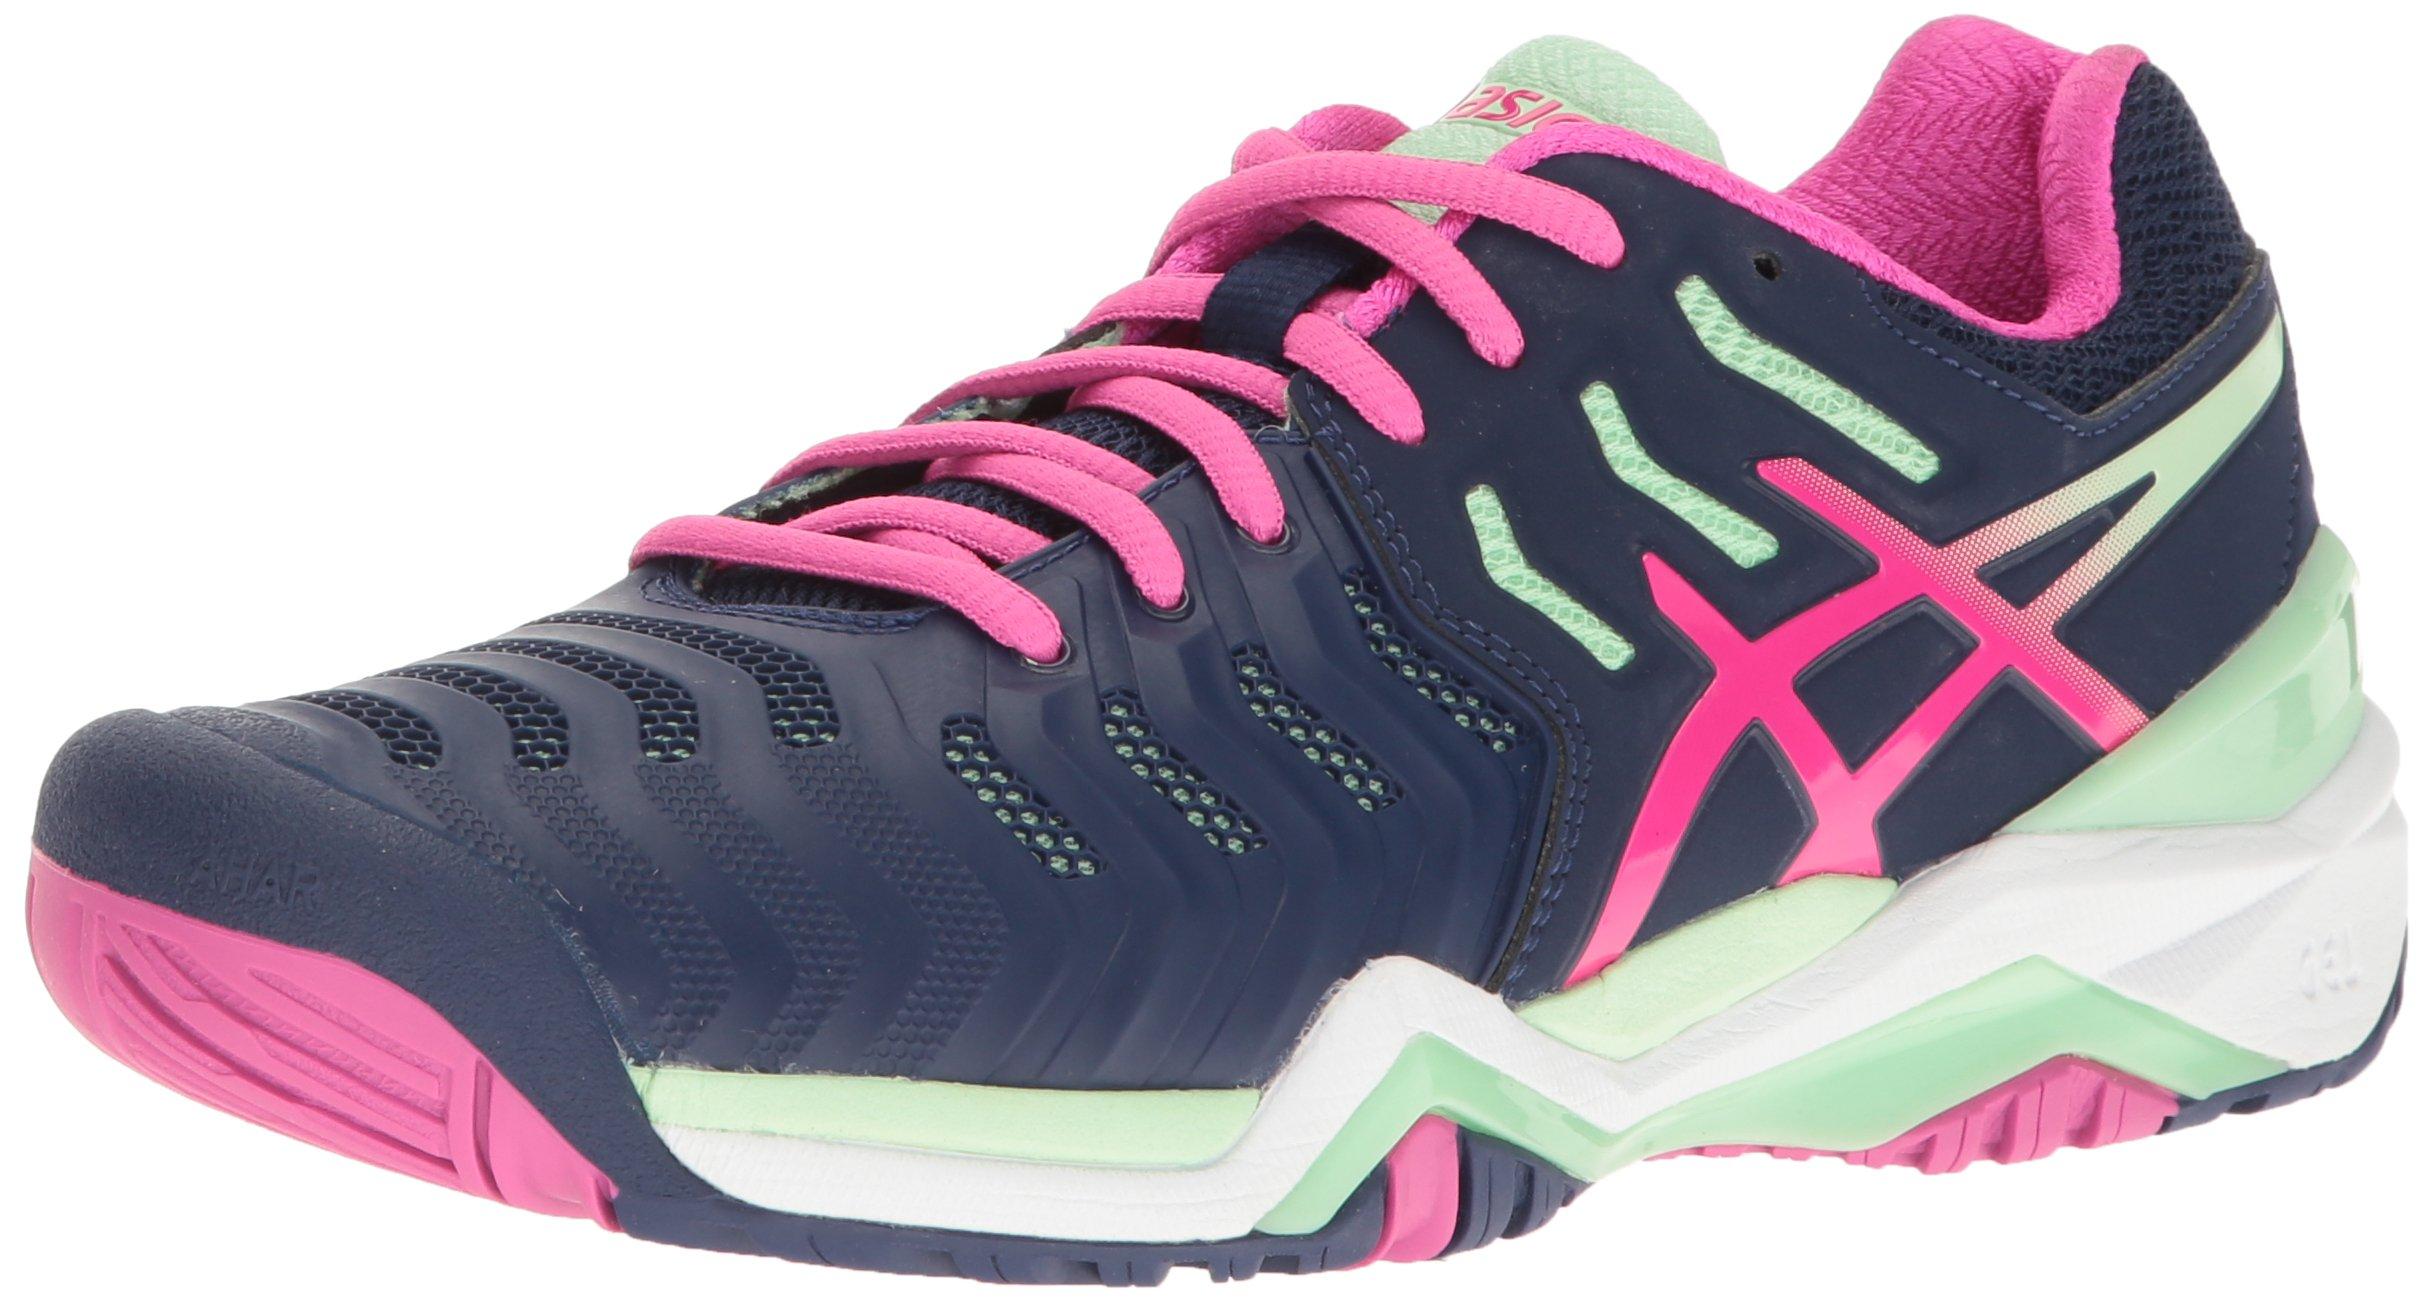 ASICS Women's Gel-Resolution 7 Tennis Shoe, Indigo Blue/Pink Glow/Paradise Green, 11.5 M US